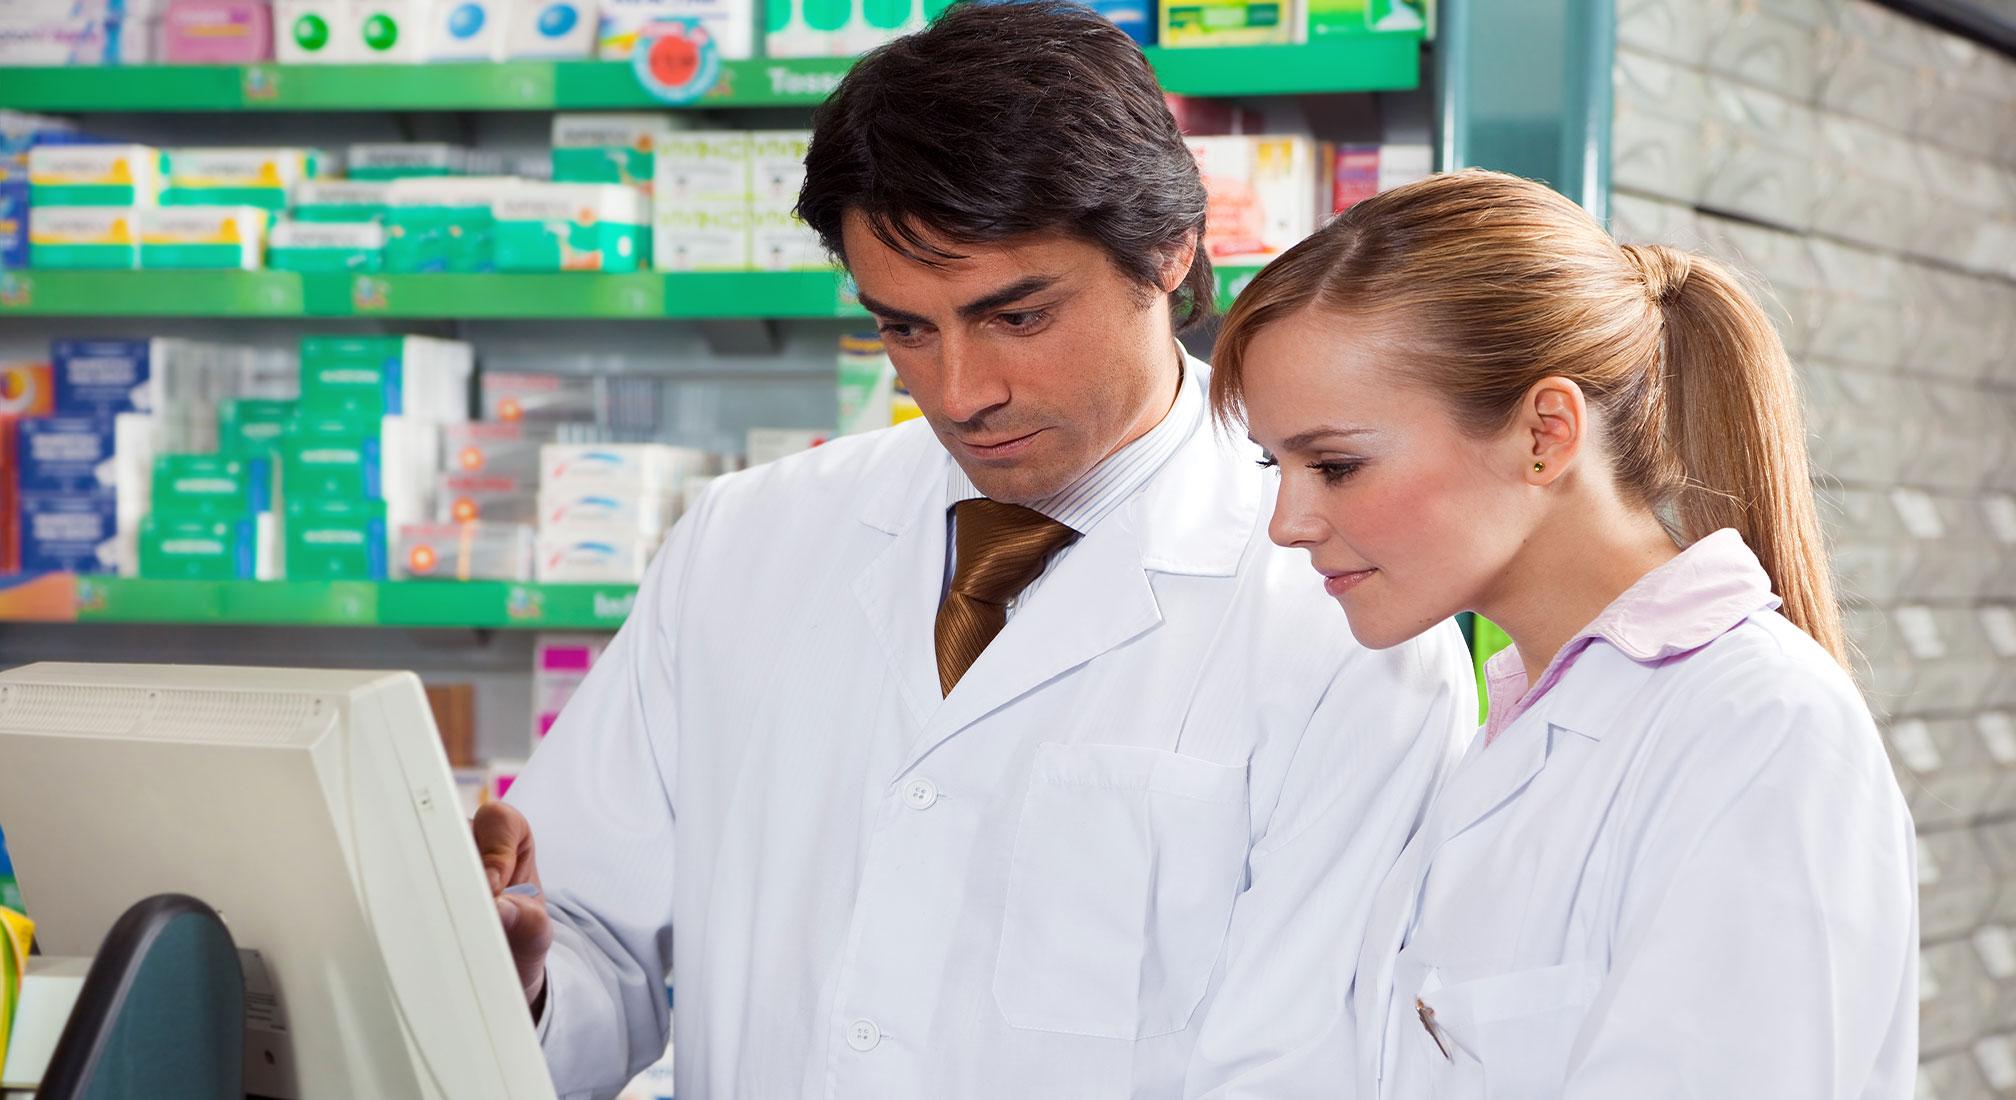 Formación farmacéutica